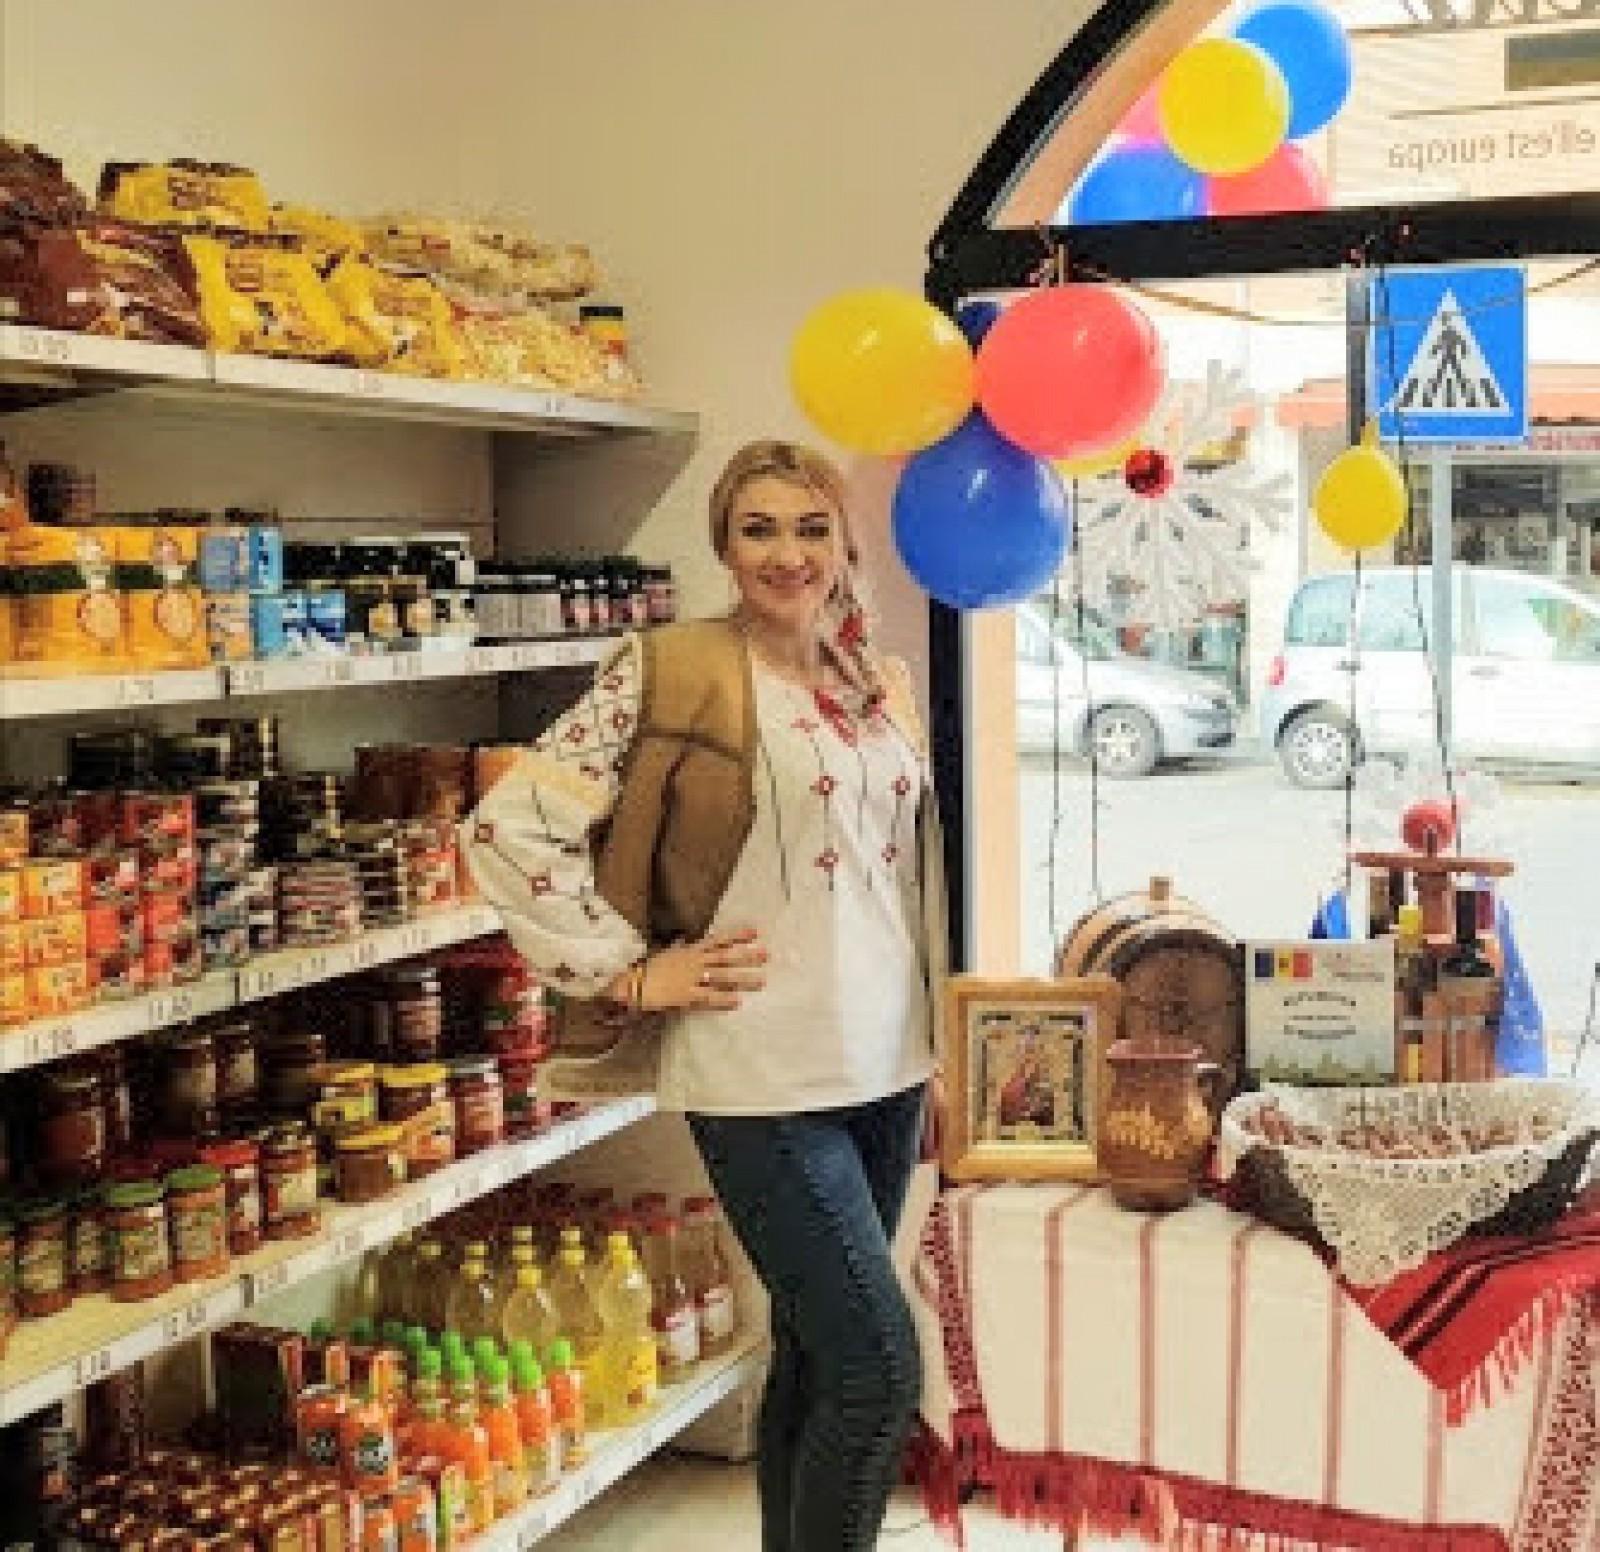 Povestea tinerei care și-a deschis un magazin de produse moldovenești în Italia